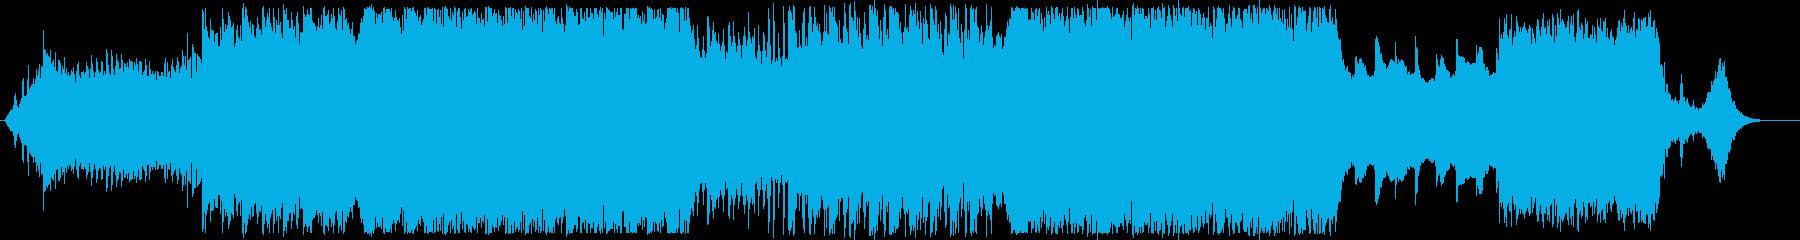 キラキラと輝き、優しいイメージのBGMの再生済みの波形